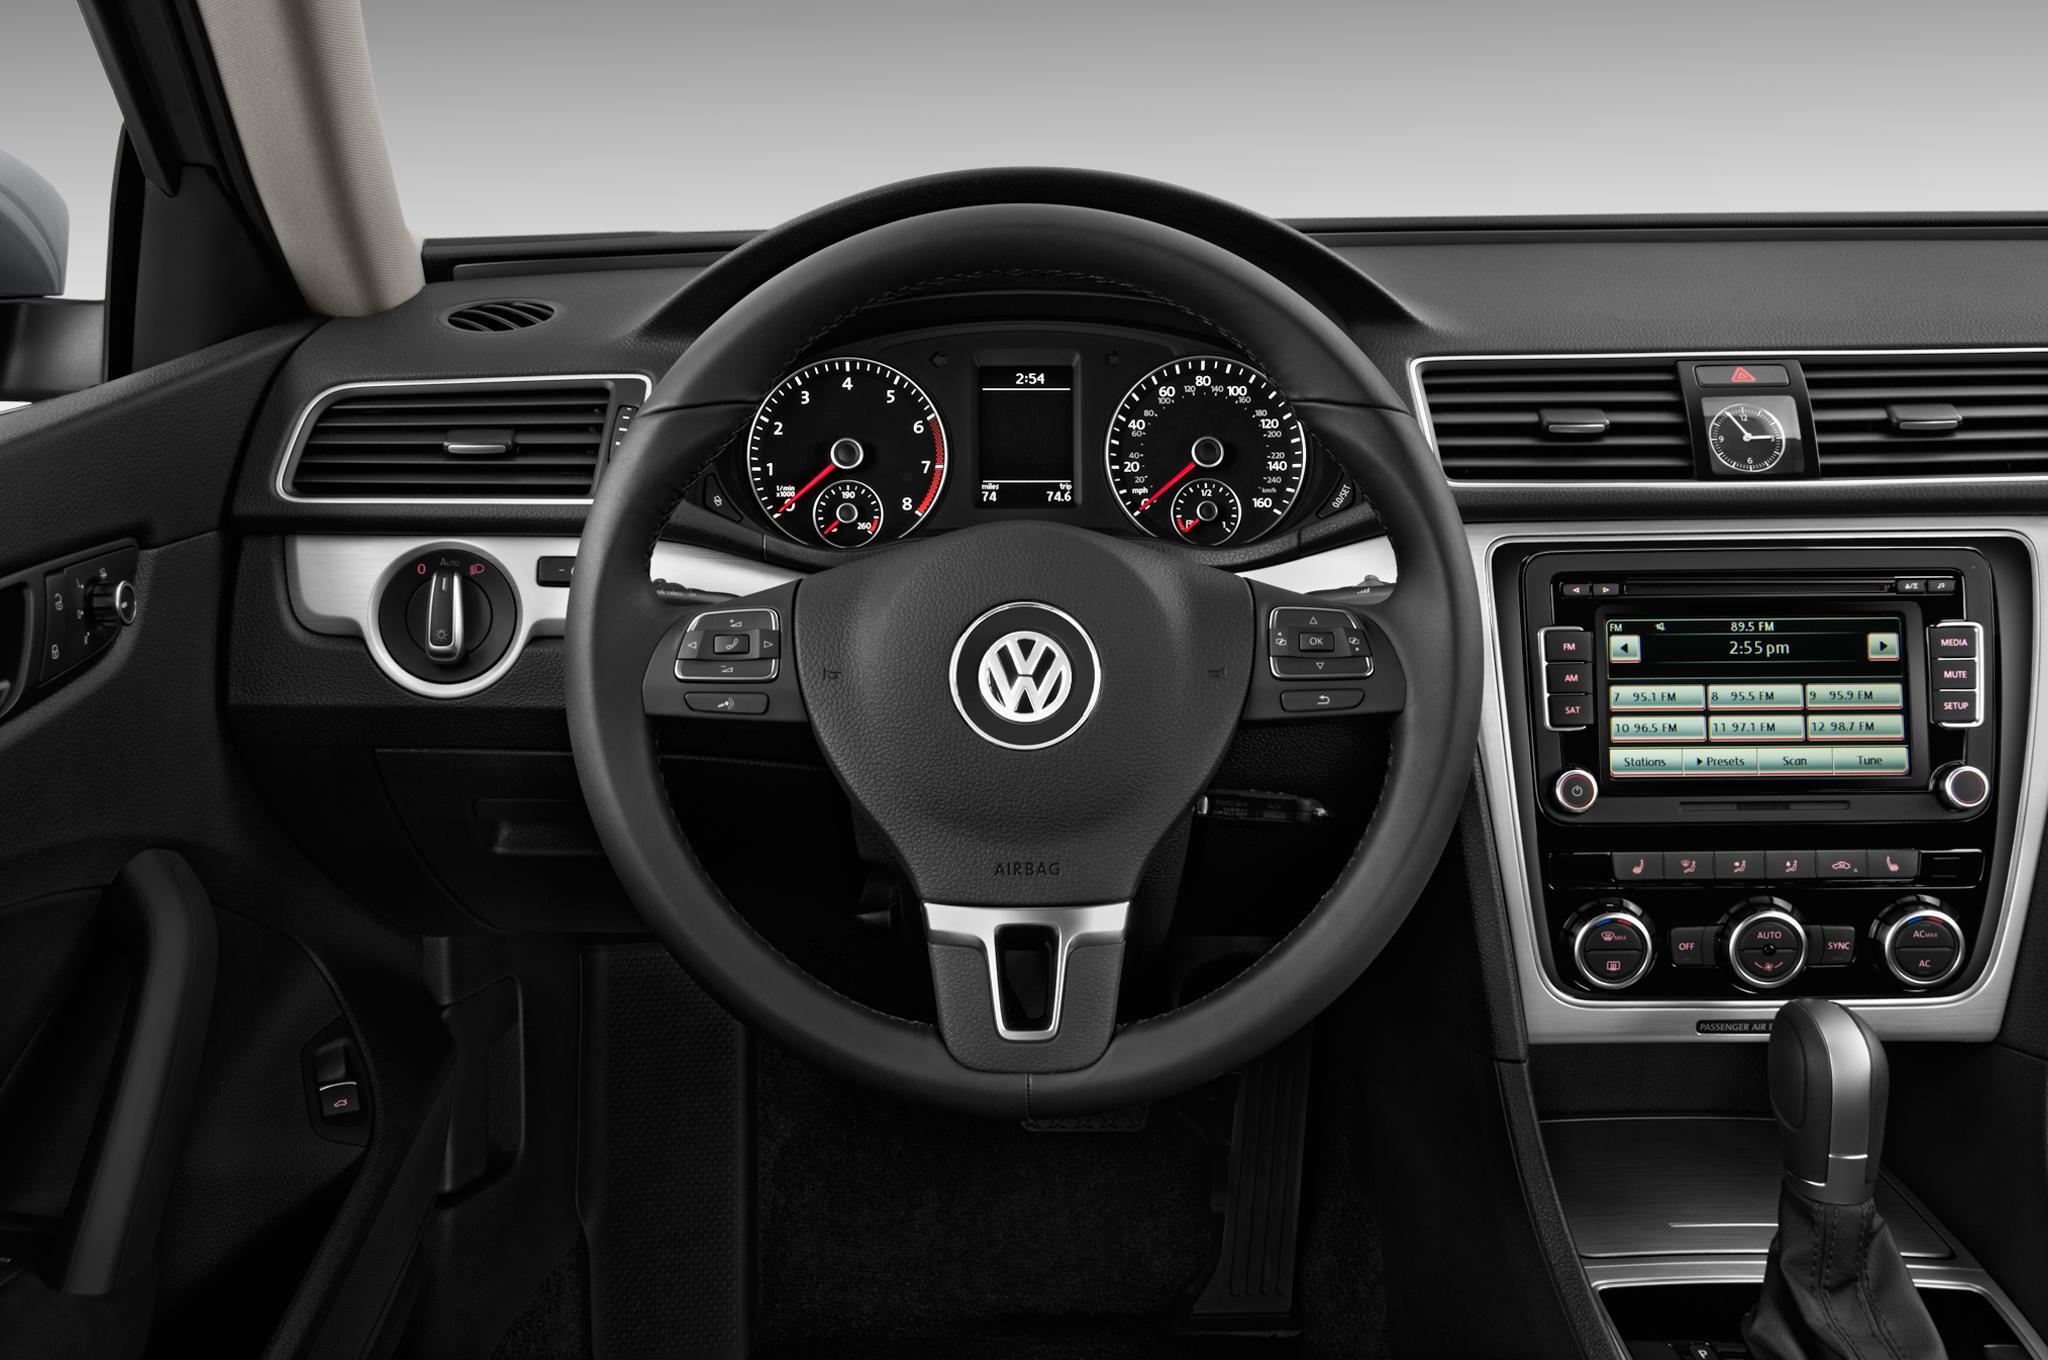 2015 Volkswagen Passat Limited Edition Replaces SE, Wolfsburg Trims